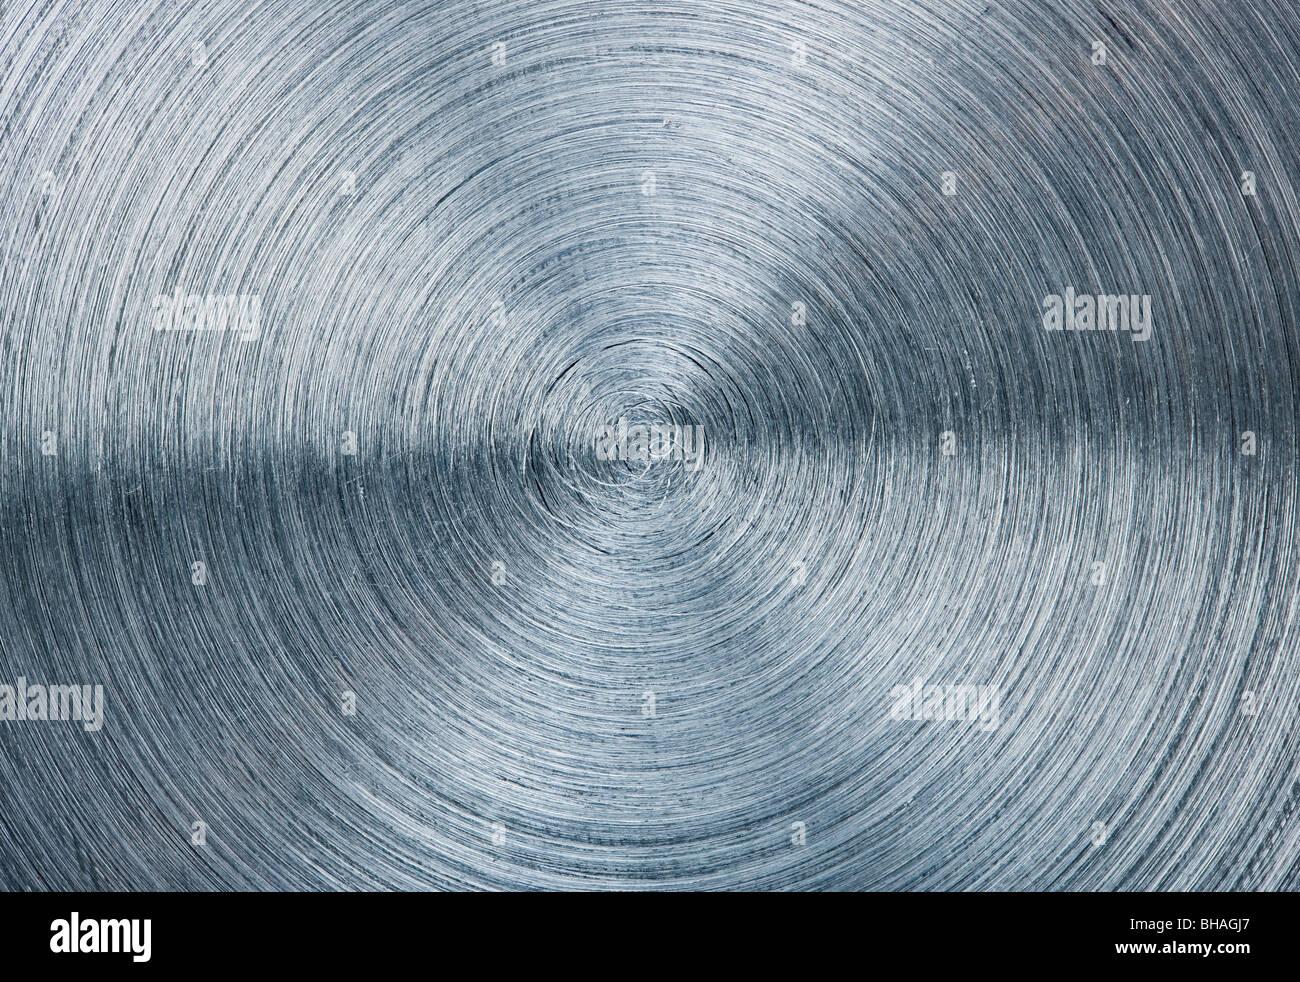 Macro of polished metallic surface - Stock Image